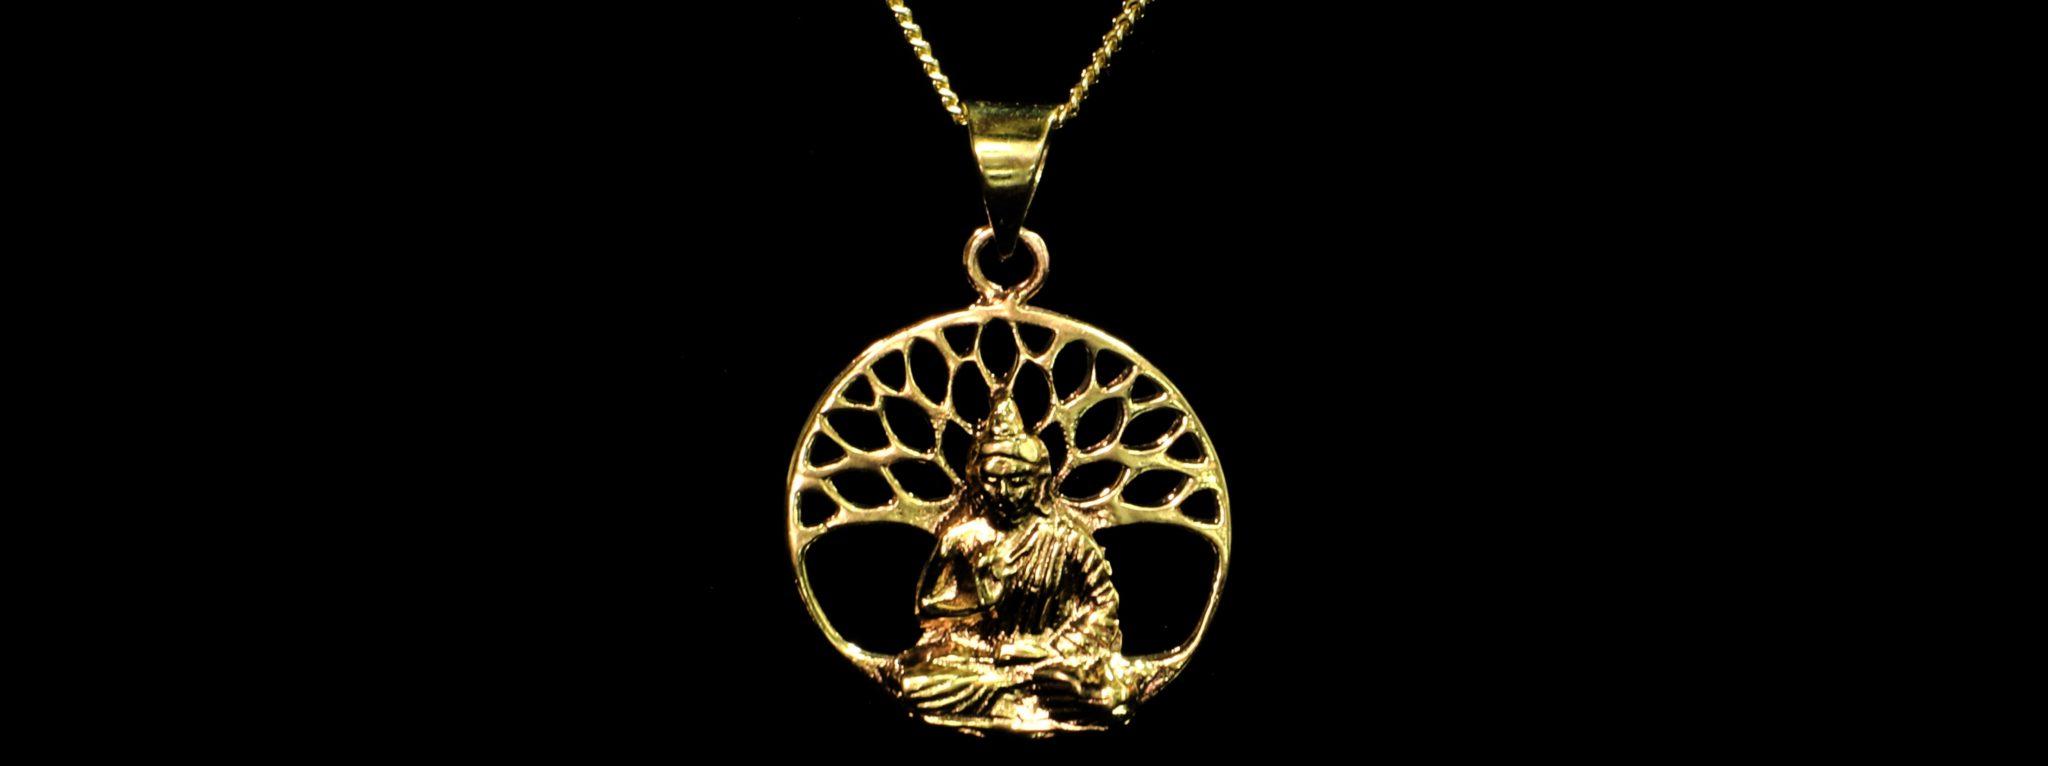 pendentif arbre de vie bouddha paris MES INDES GALANTES